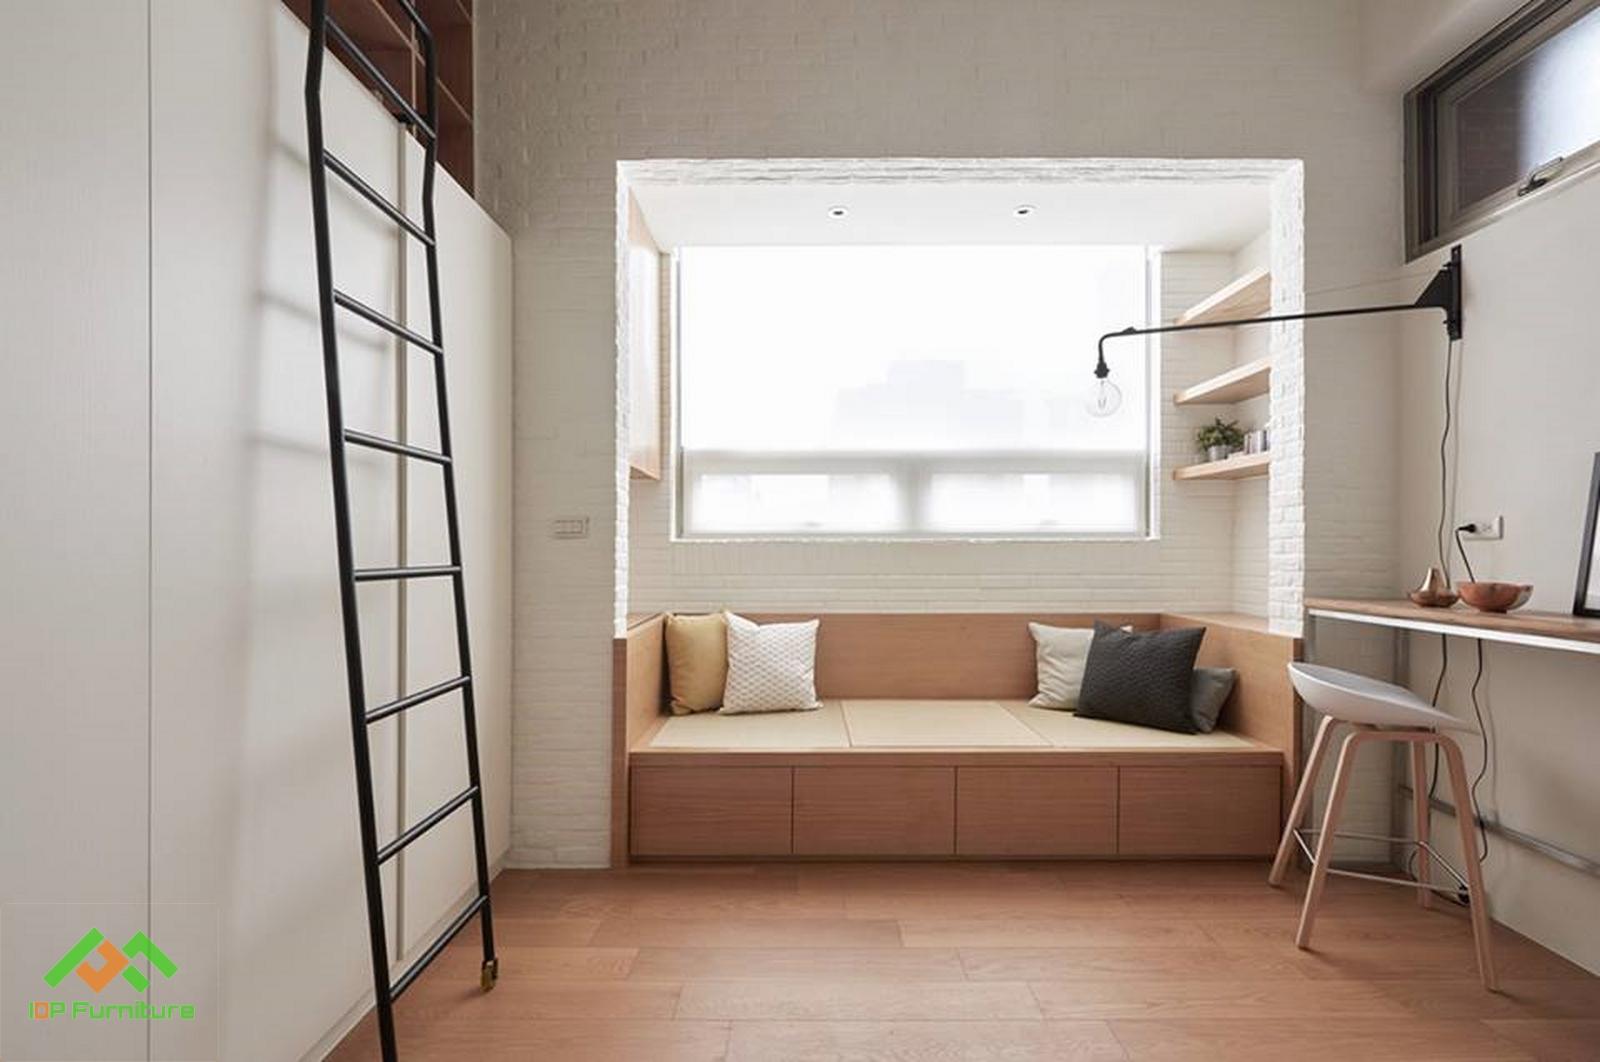 Thiết kế căn hộ đẹp có diện tích chưa tới 30 mét vuông